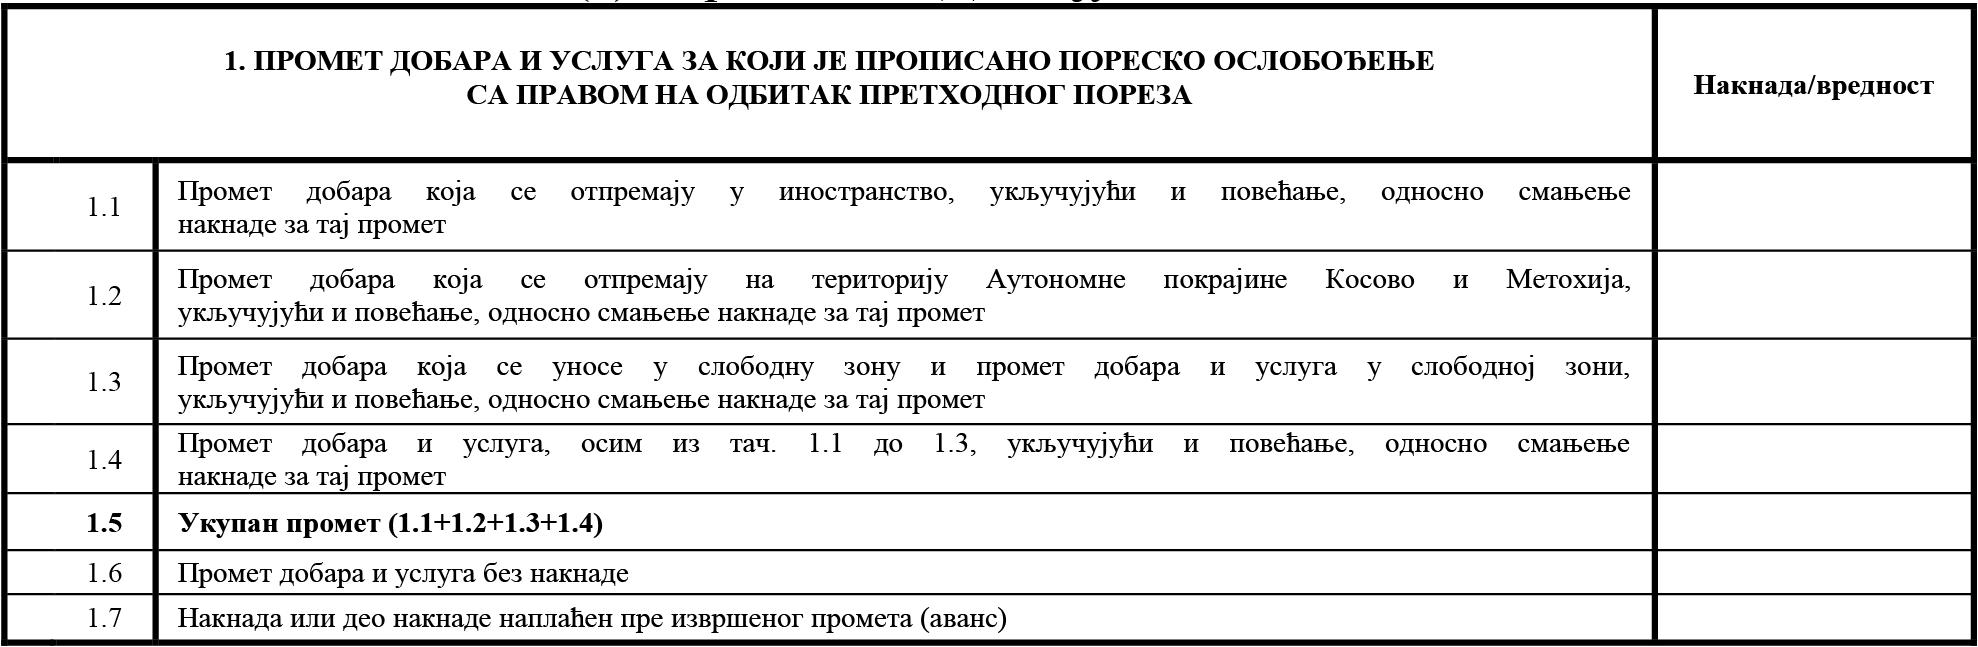 uputstvo PU obrazac POPDV primer 12 - 1.1